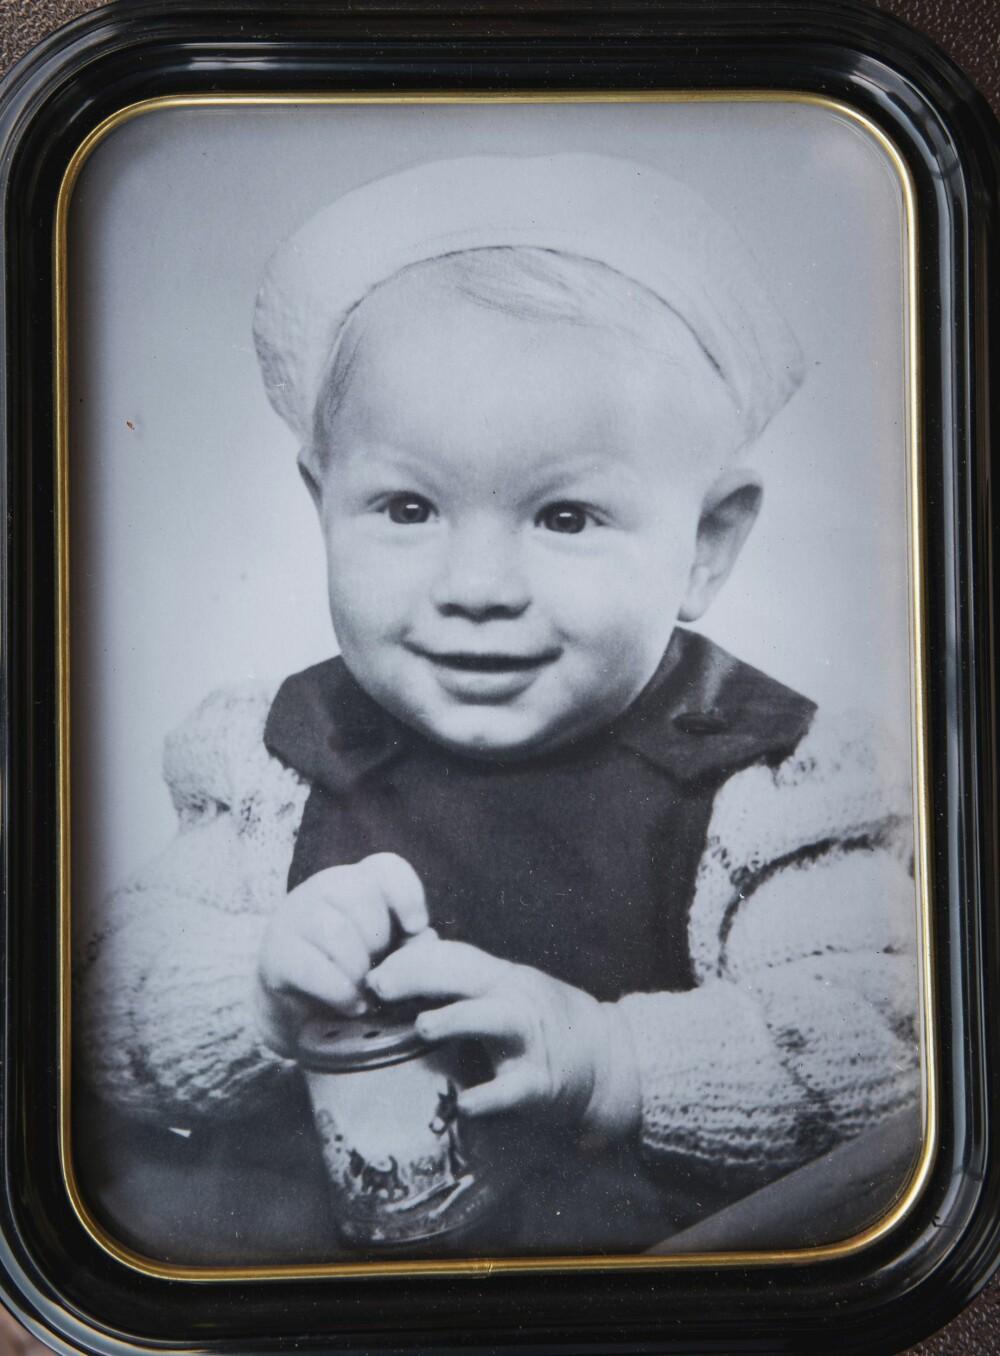 <b>ENEBARNET:</b> Arnulf var ett år da dette bildet ble tatt. Han ønsket seg alltid søsken, slik som de andre hadde, men forble det eneste barnet til foreldrene Paulsen.